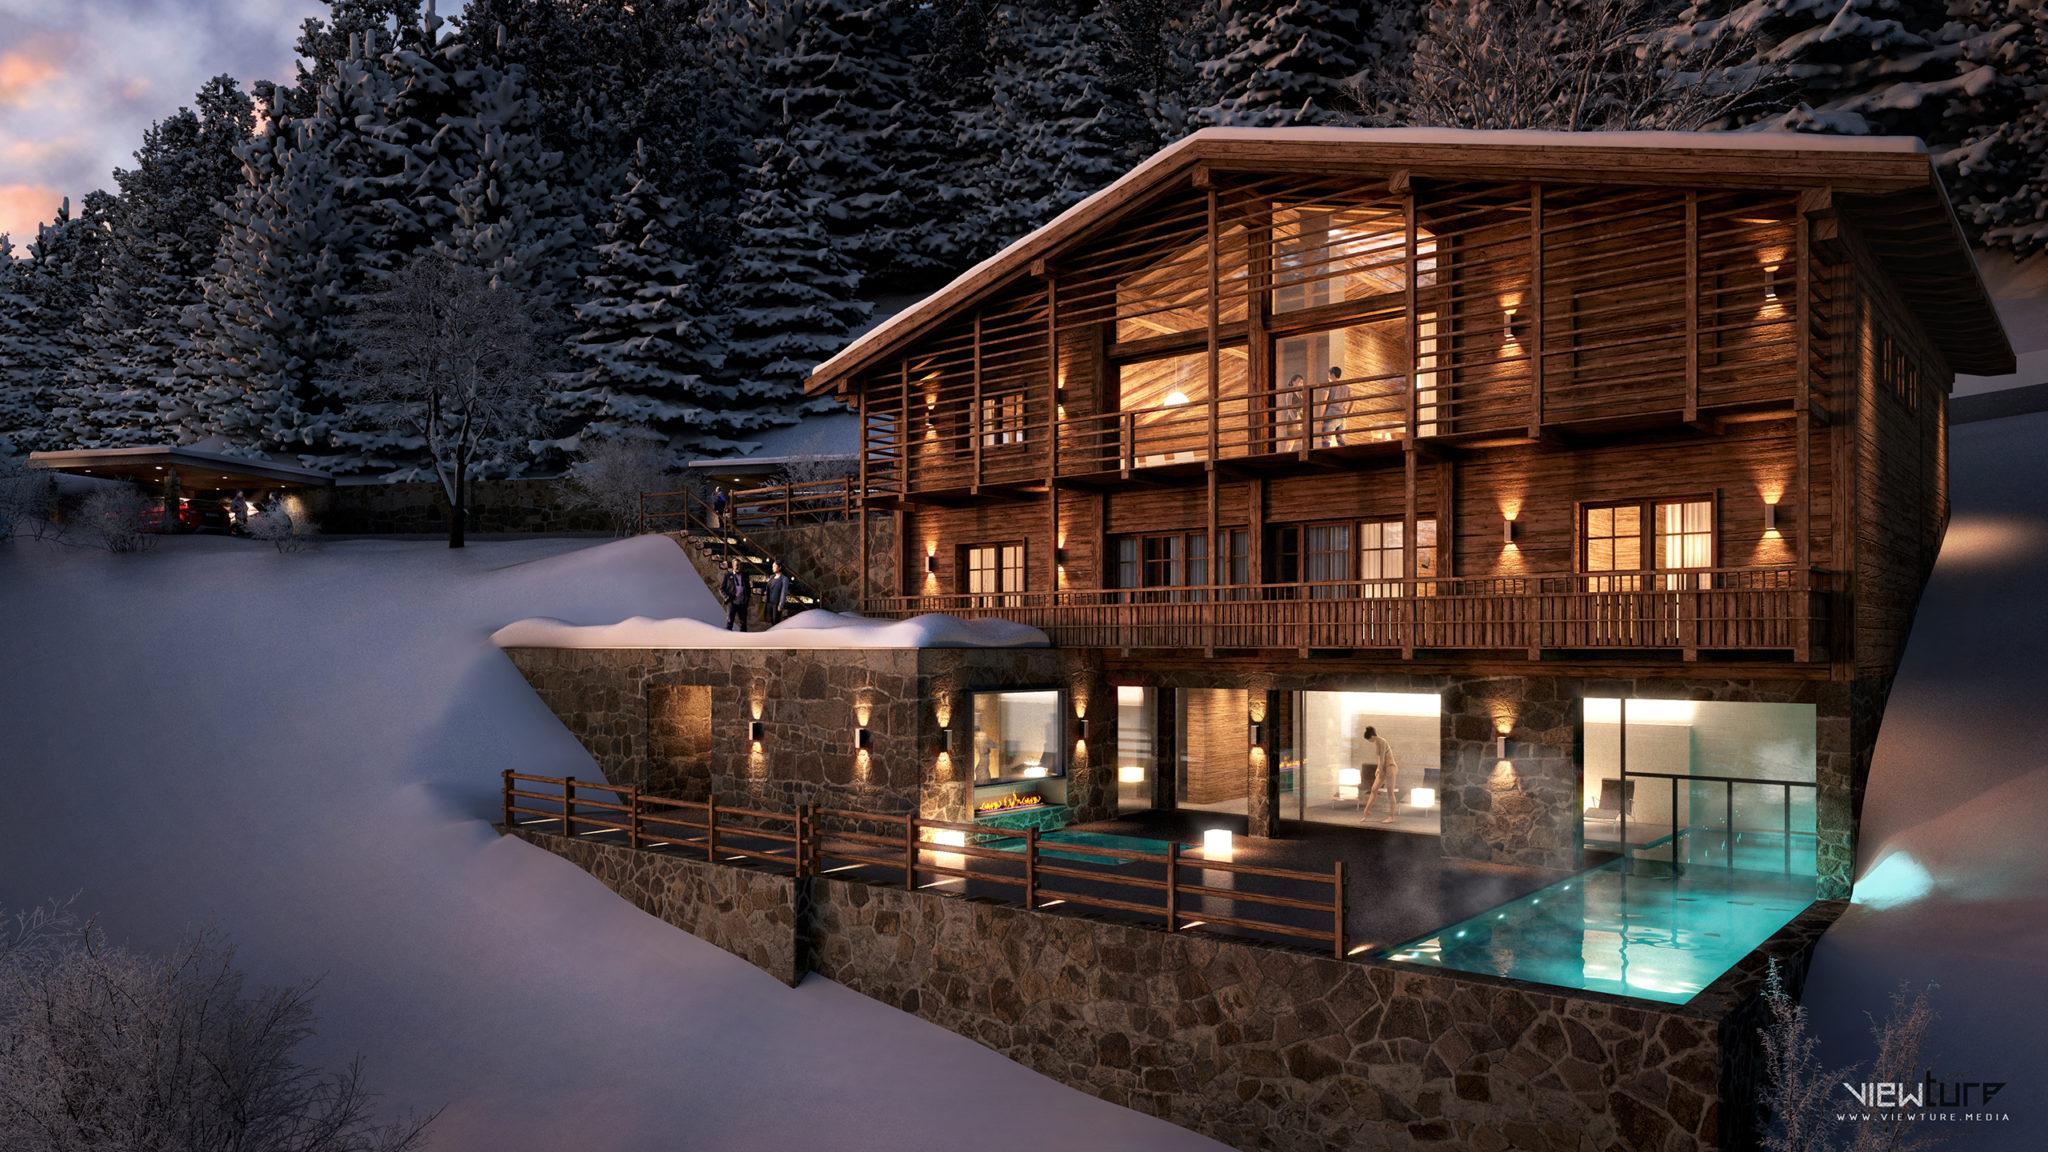 Luxus-Chalet im alpinen Stil.